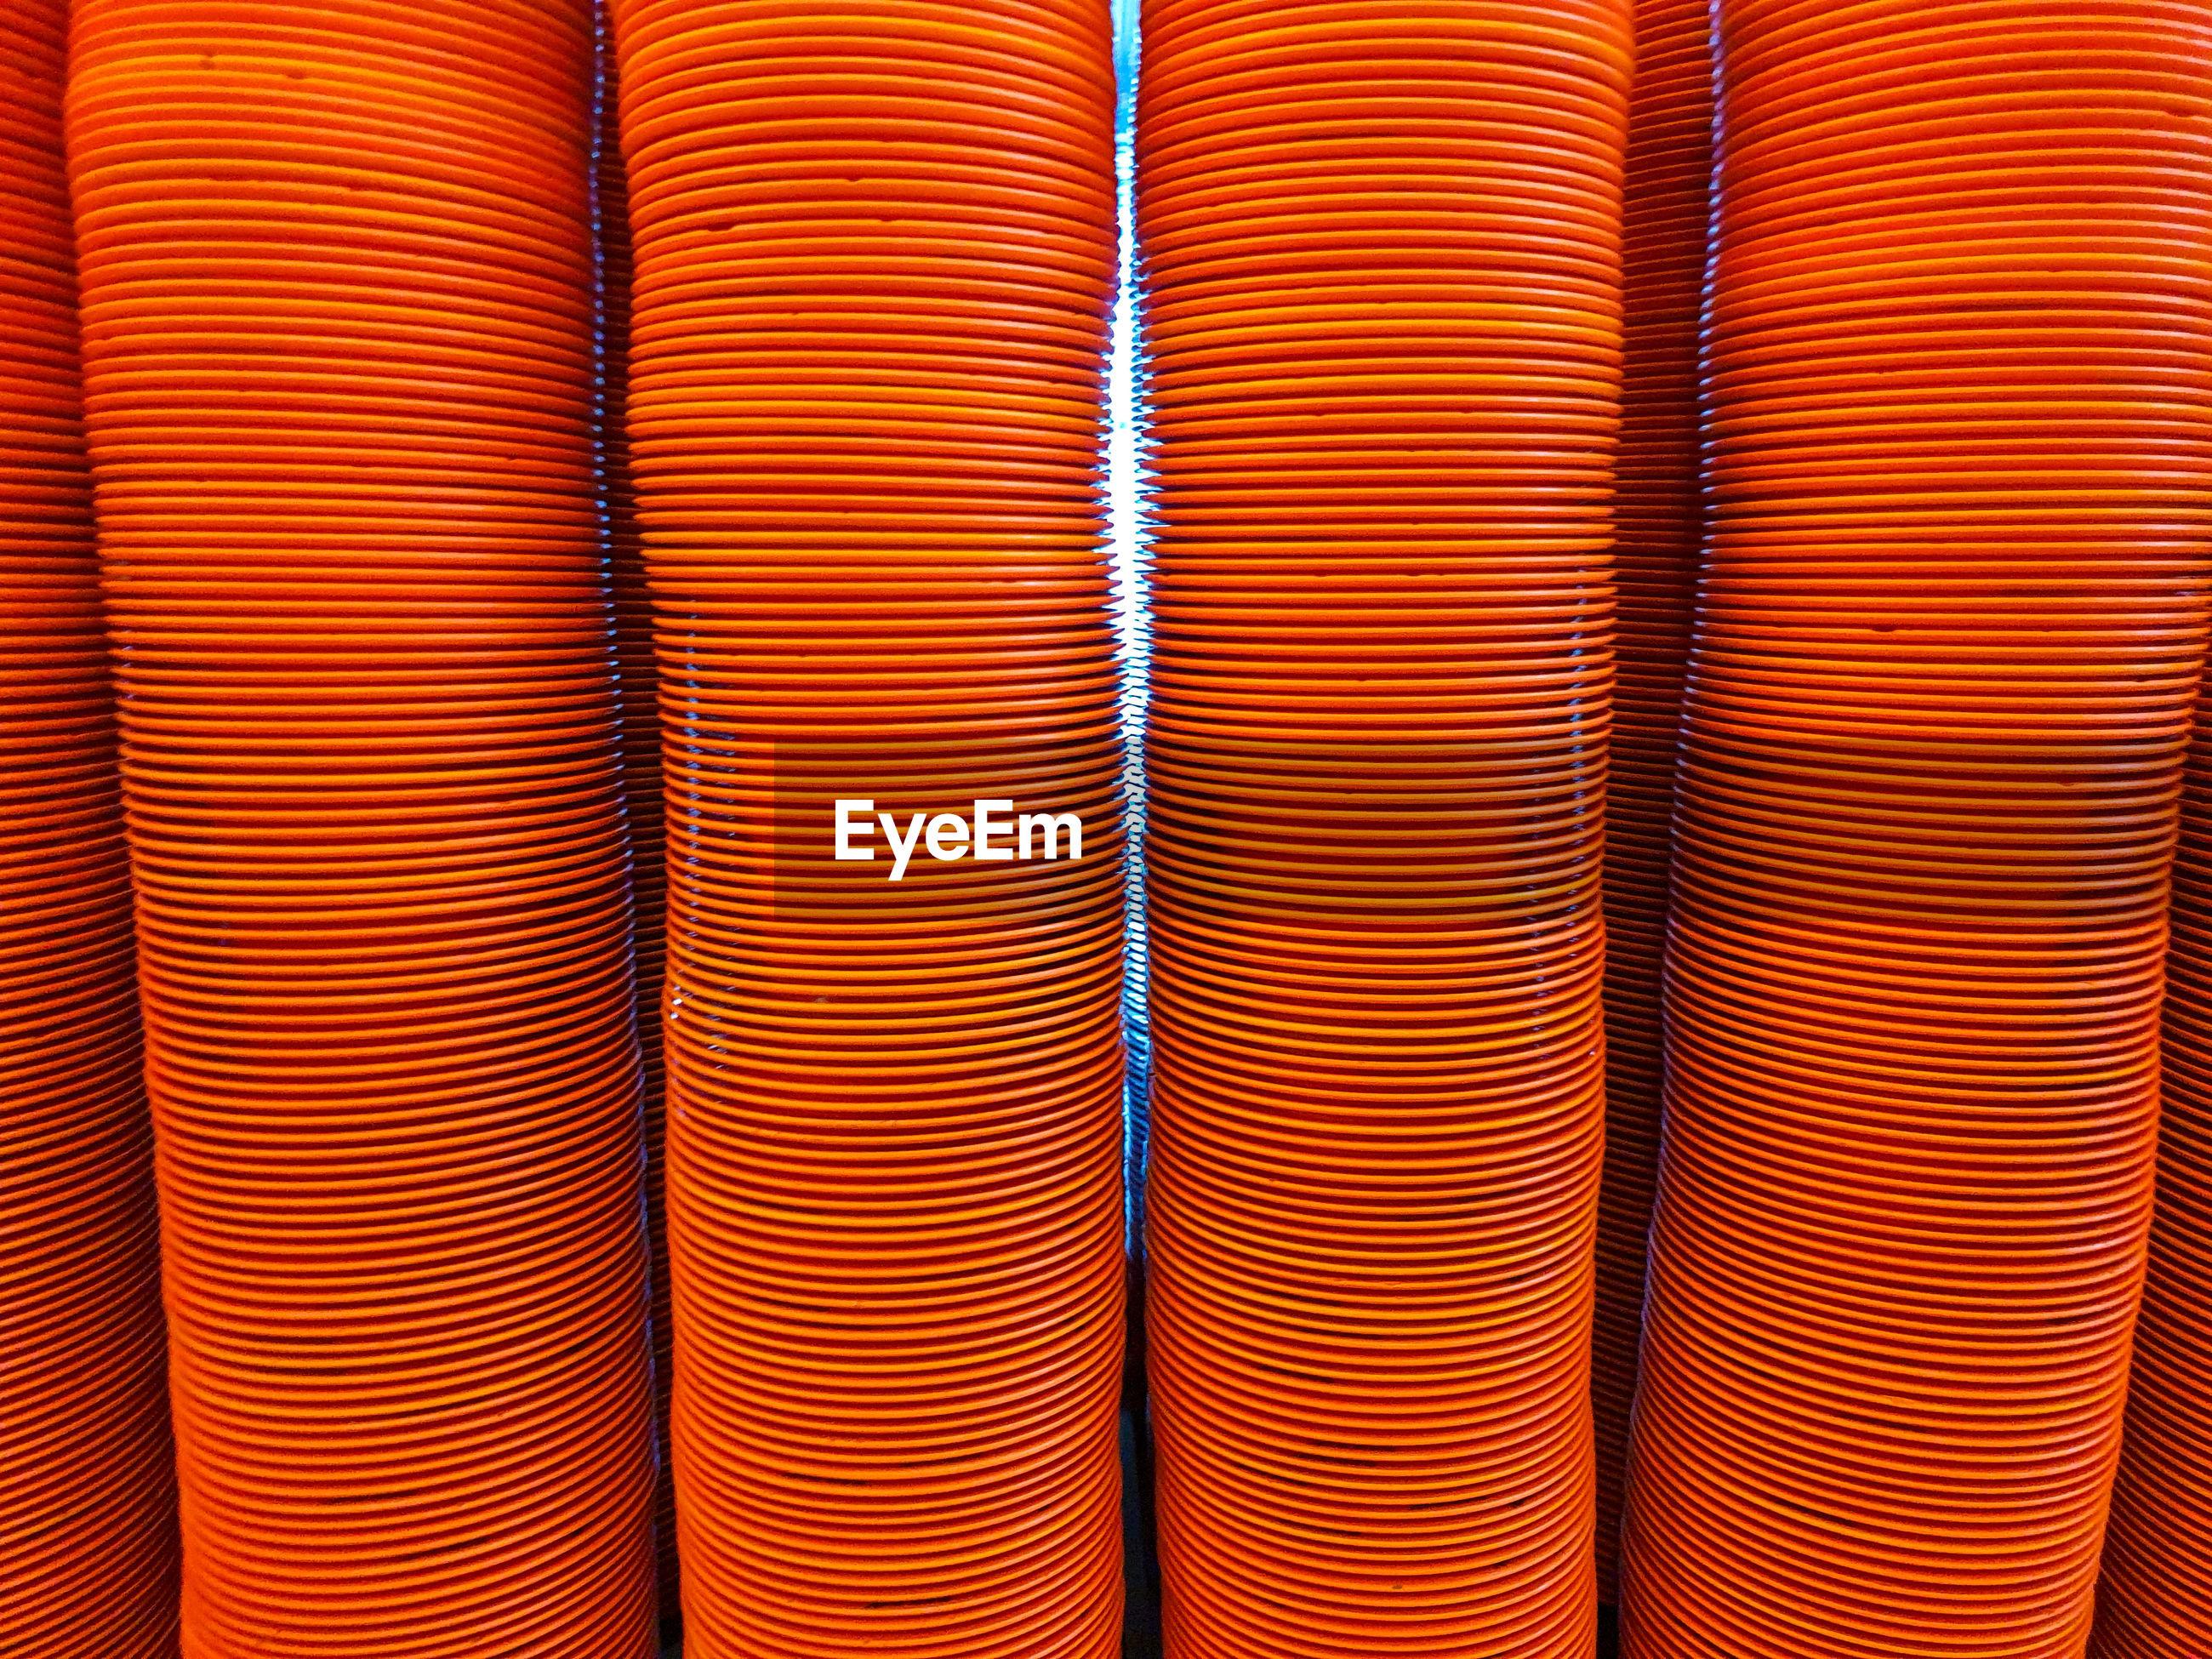 Full frame shot of stacked plates